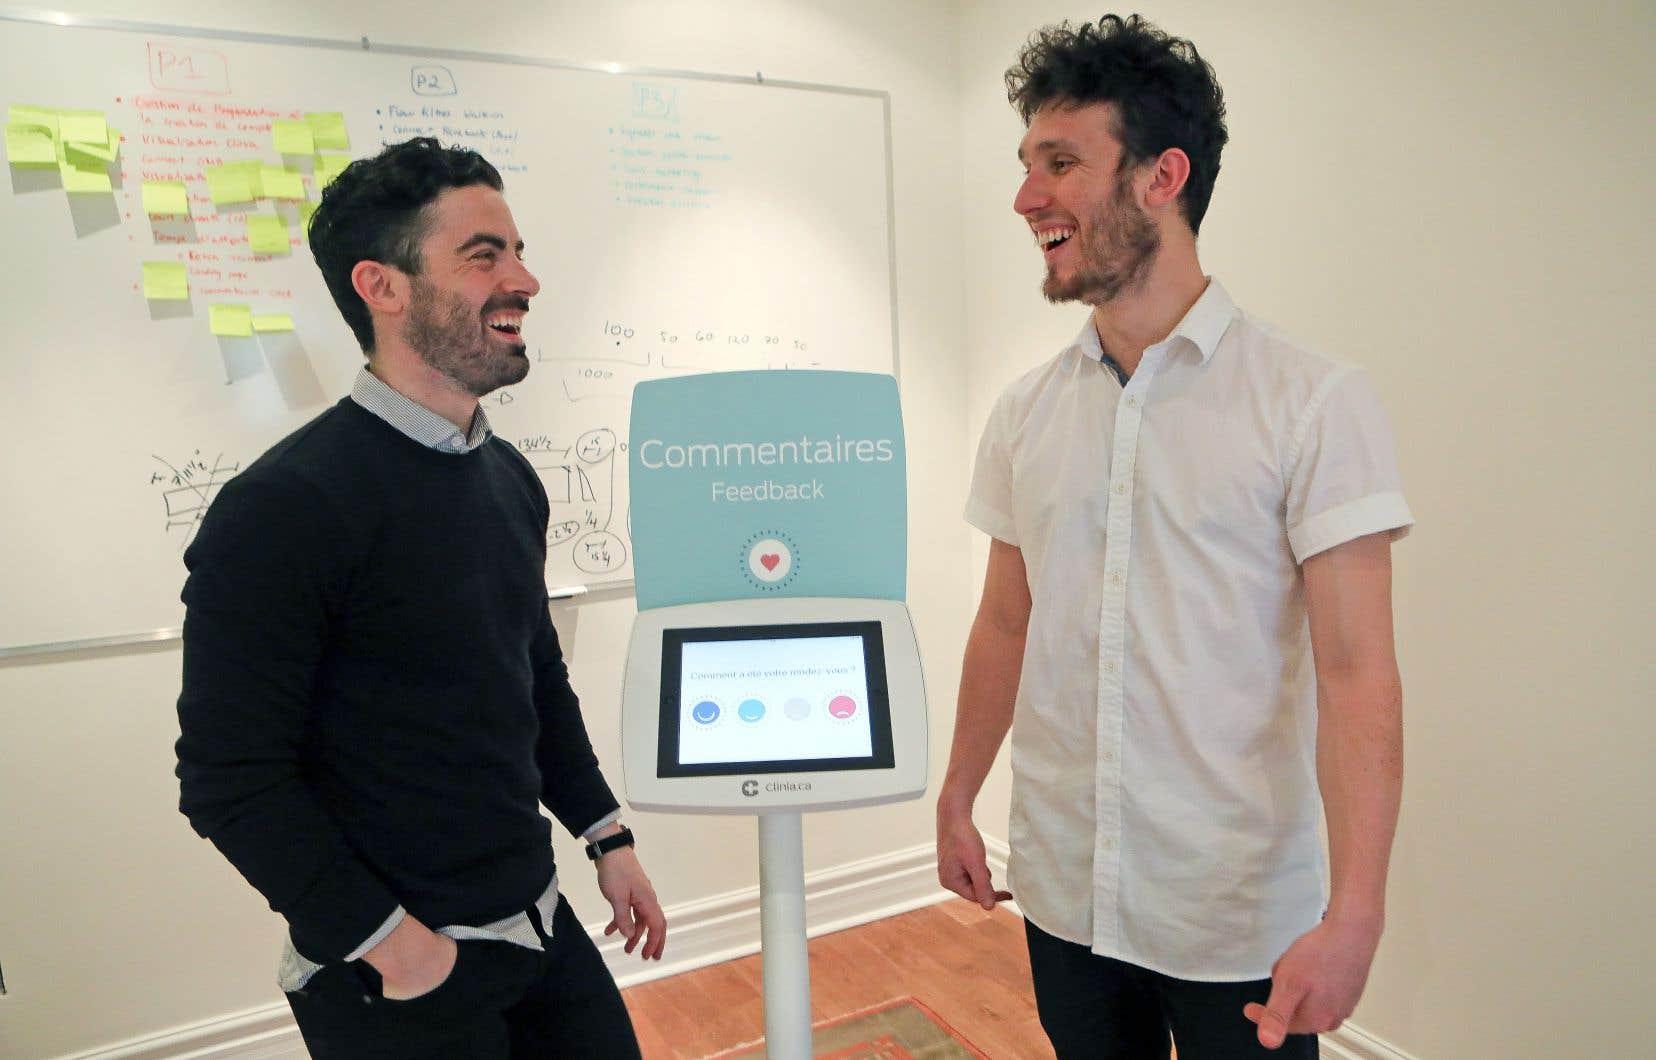 Chaque semaine, vous franchirez une à une les étapes par lesquelles doivent passer les nouveaux entrepreneurs en suivant le parcours de Simon Bédard (à gauche), qui a cofondé Clinia.ca, entreprise à laquelle s'est joint Etienne Soulard Geoffrion (à droite).